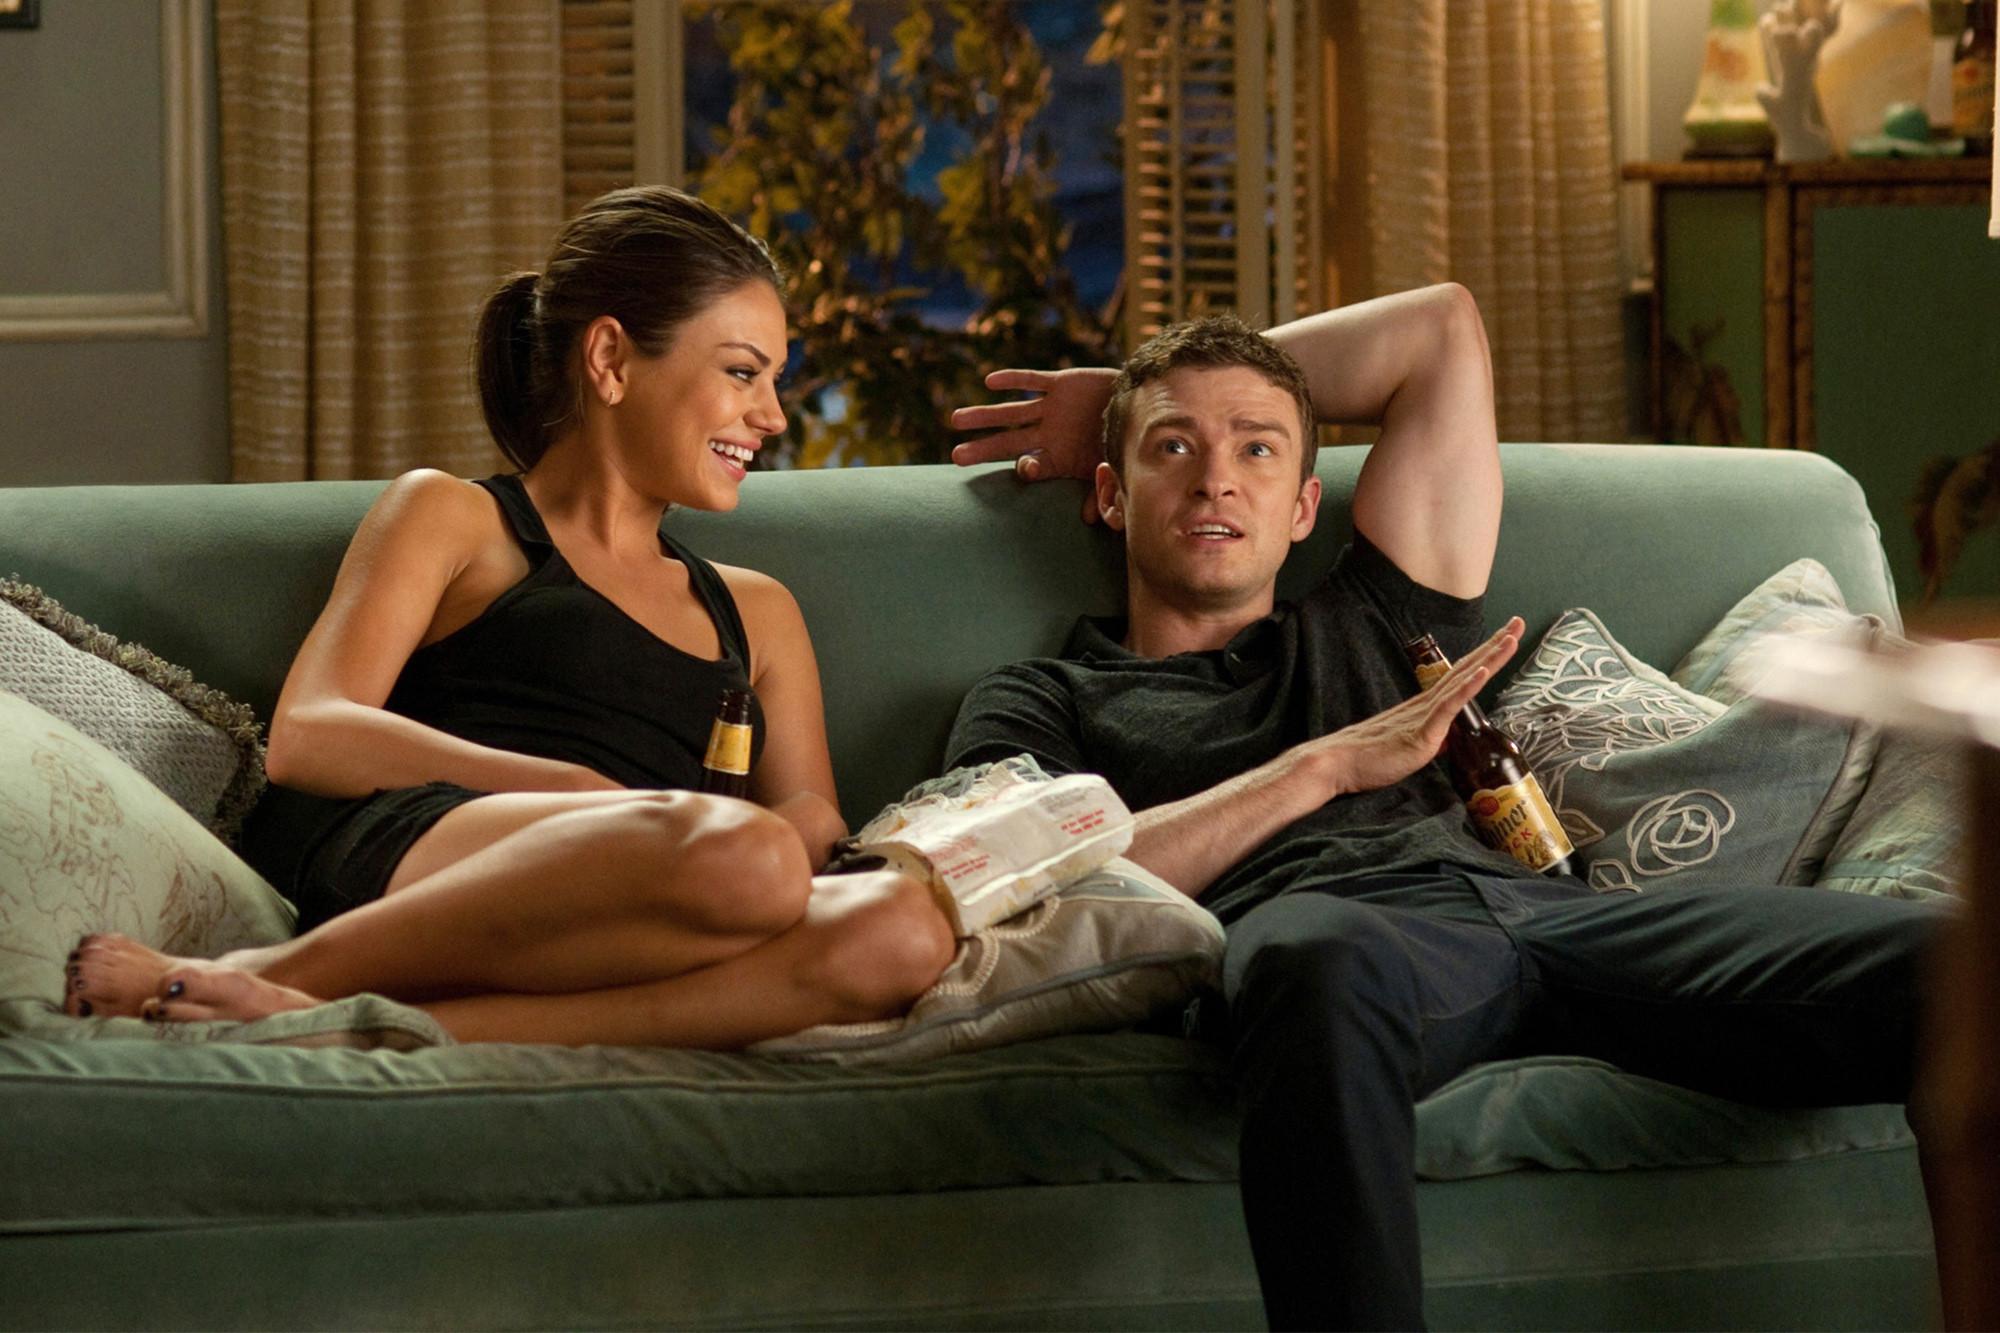 10 film tipo amici di letto